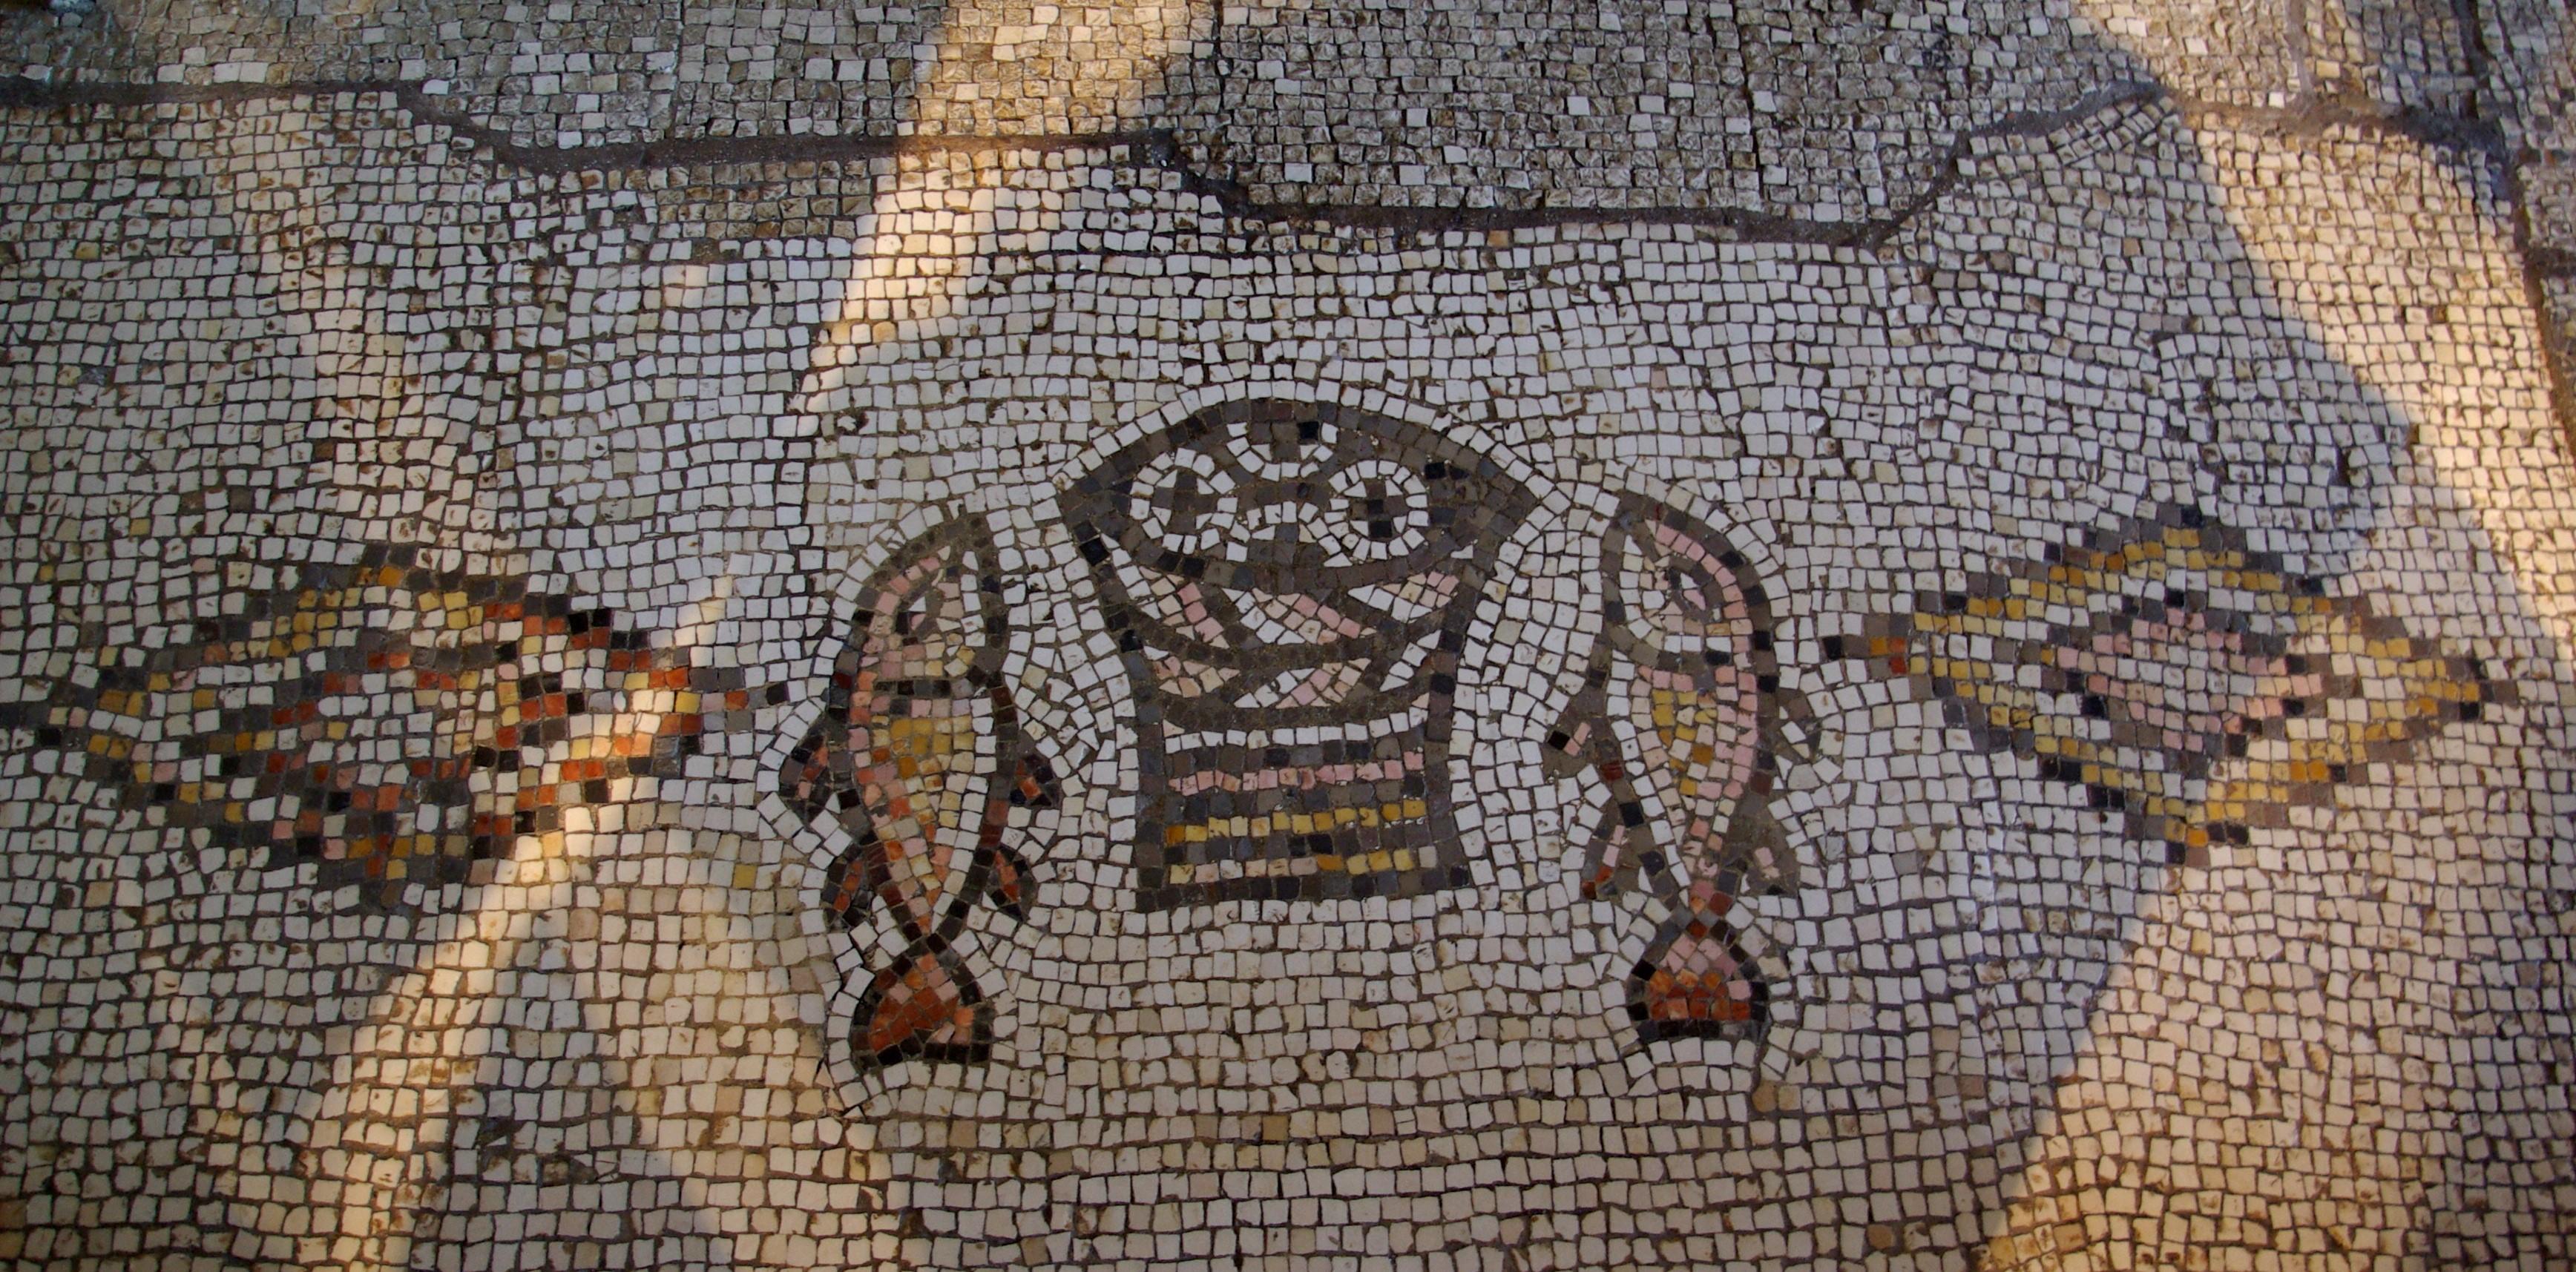 물고기와 빵 모자이크. 오병이어 기적의 교회, 벳사이다 지역의 타브하. 사진, 야엘 알레프 2007